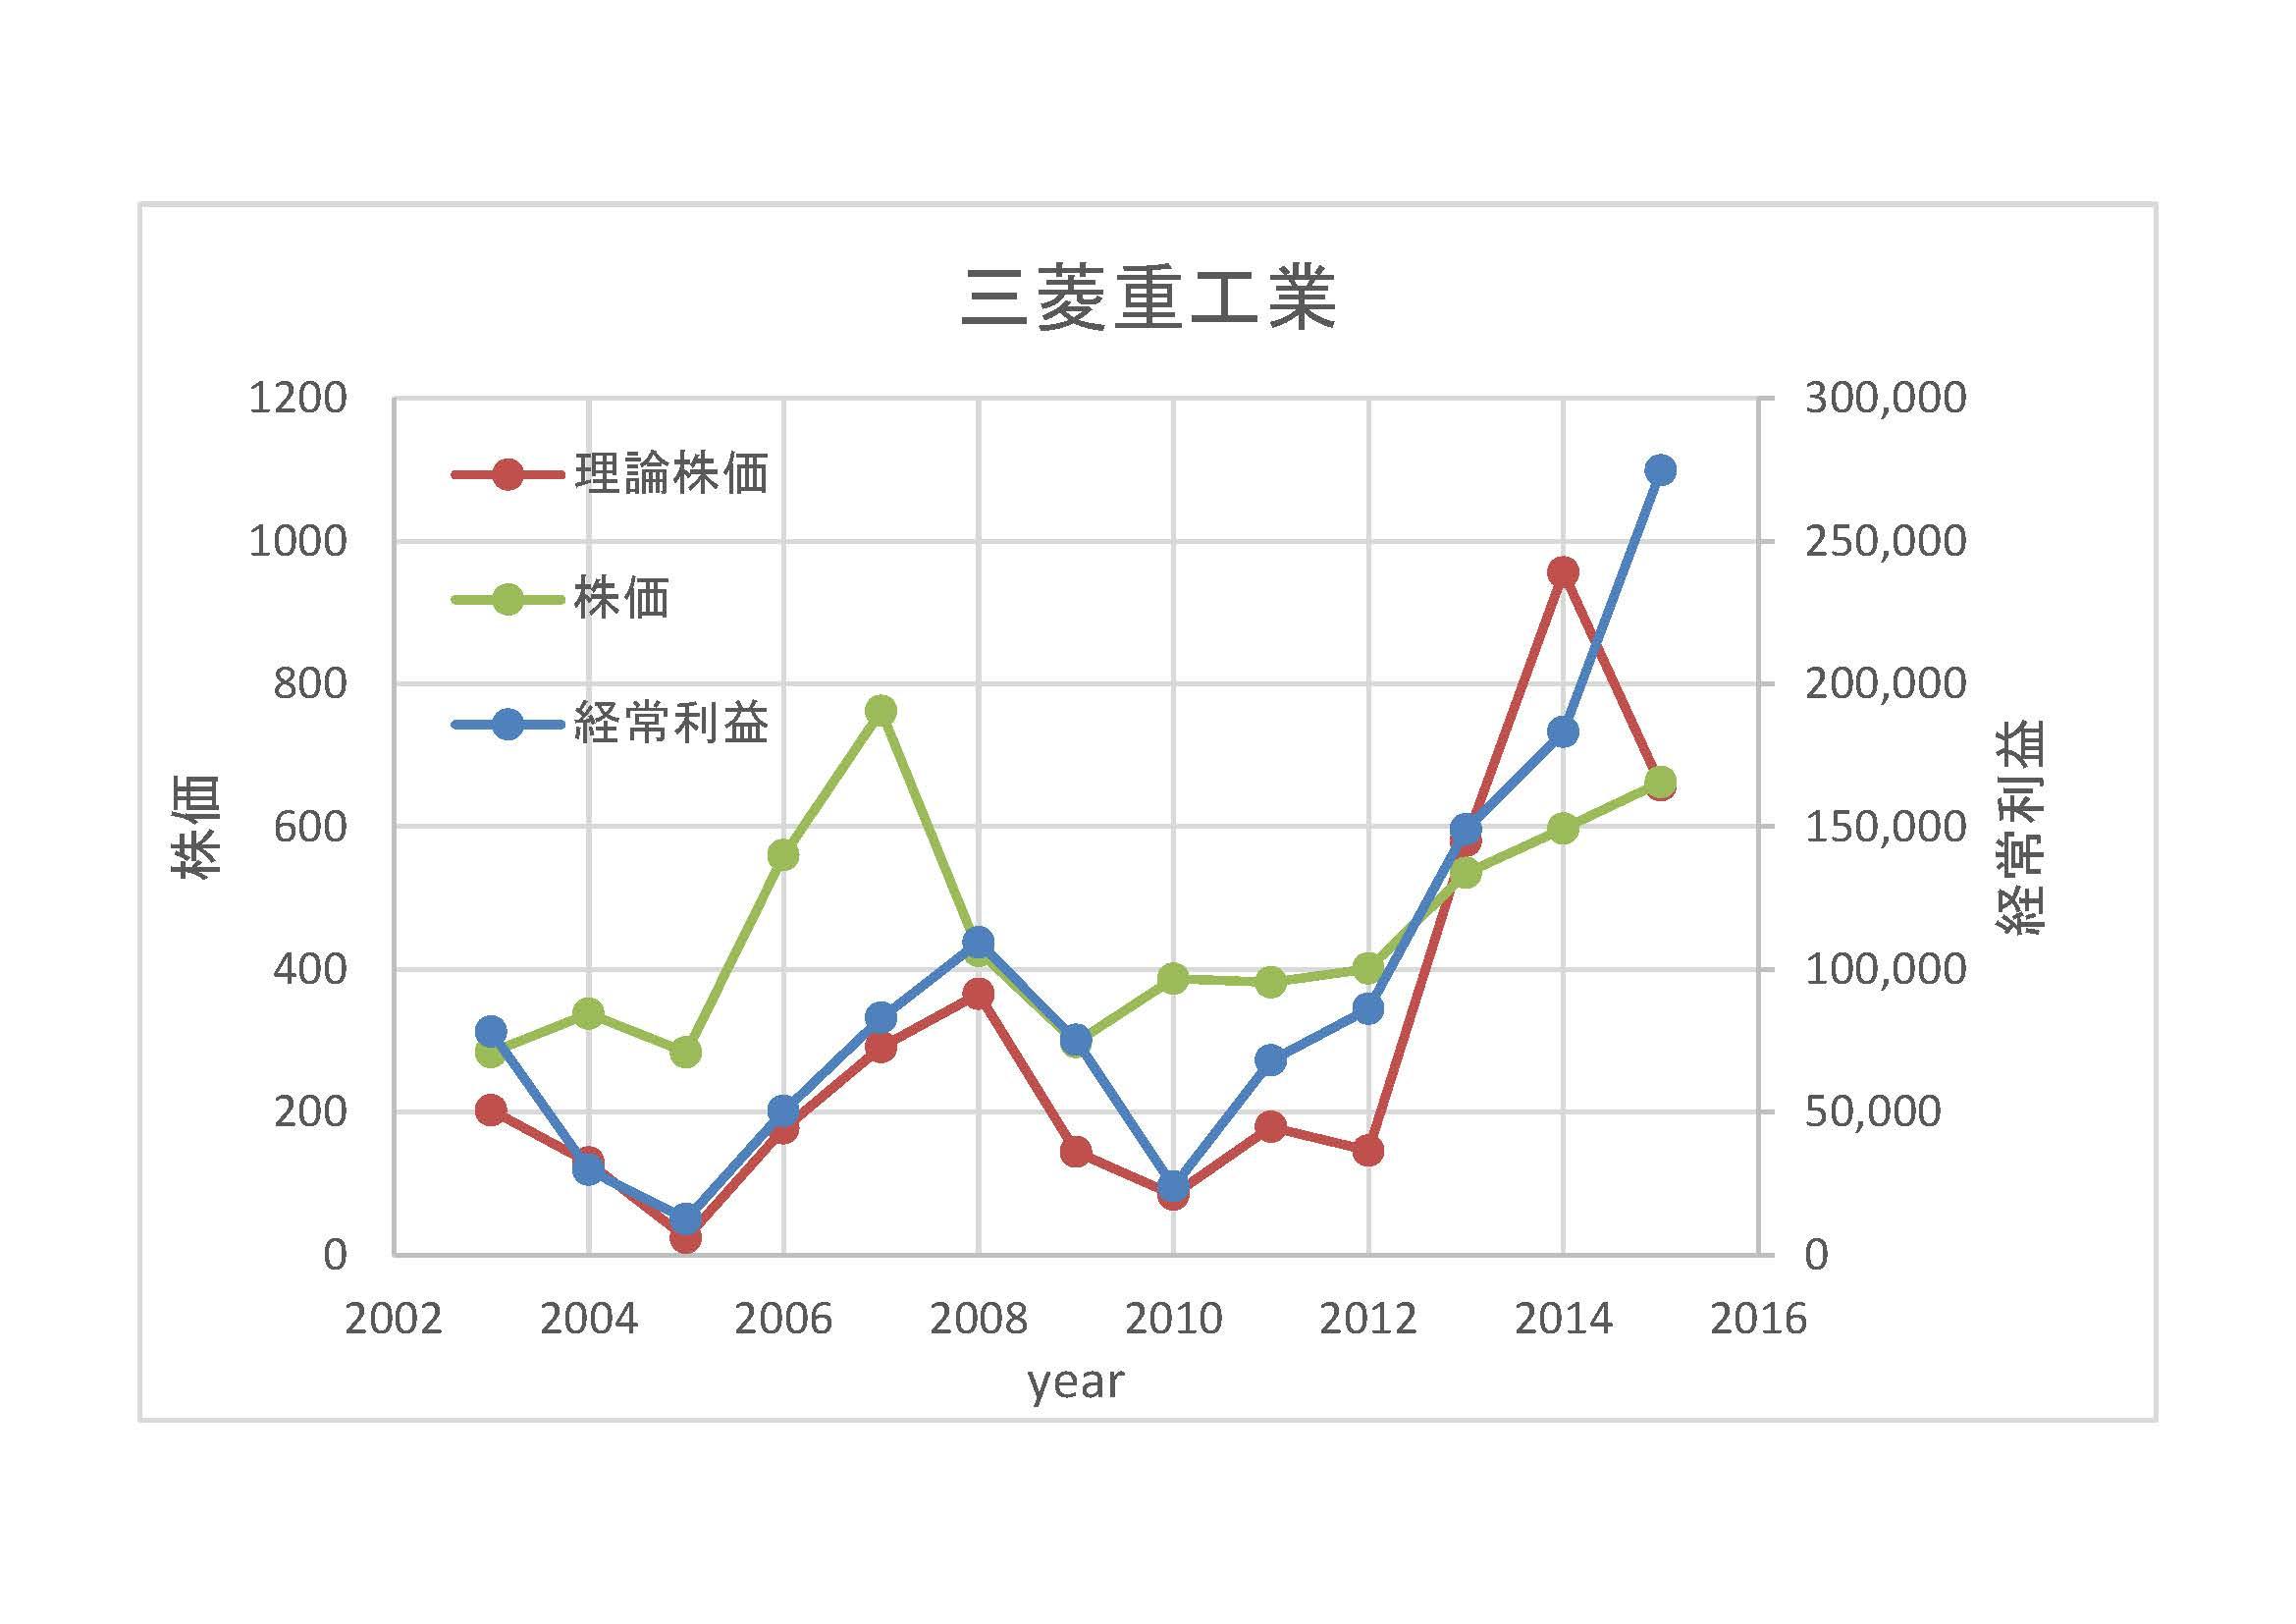 三菱重工業-理論株価2003-2015